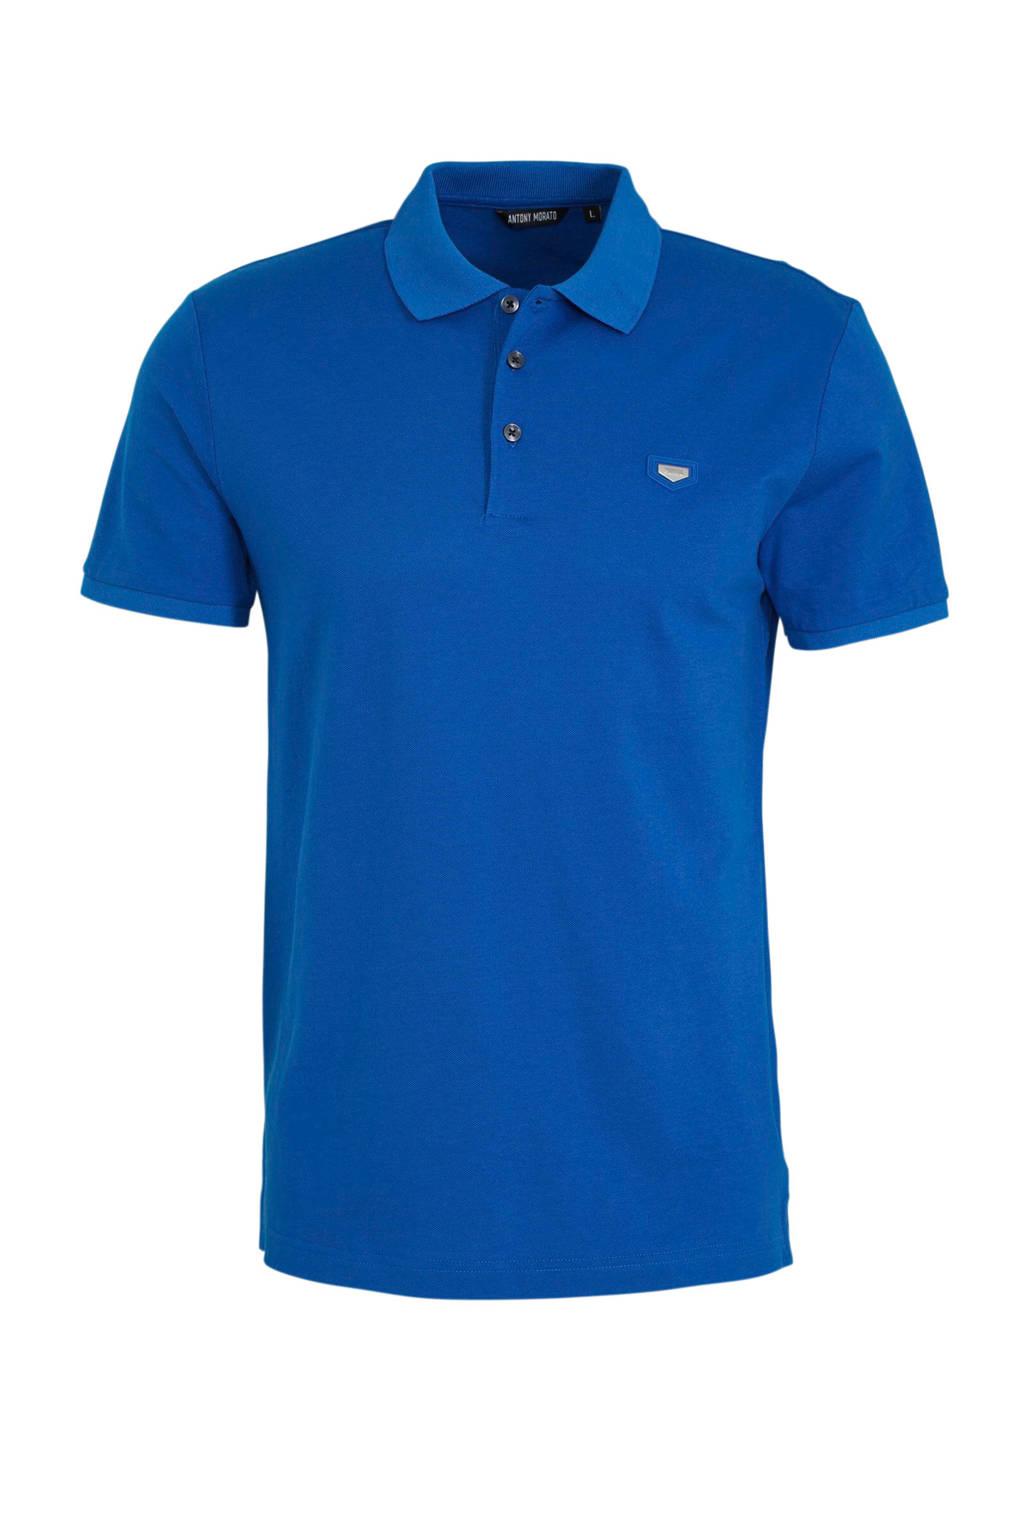 Antony Morato slim fit polo blauw, Blauw